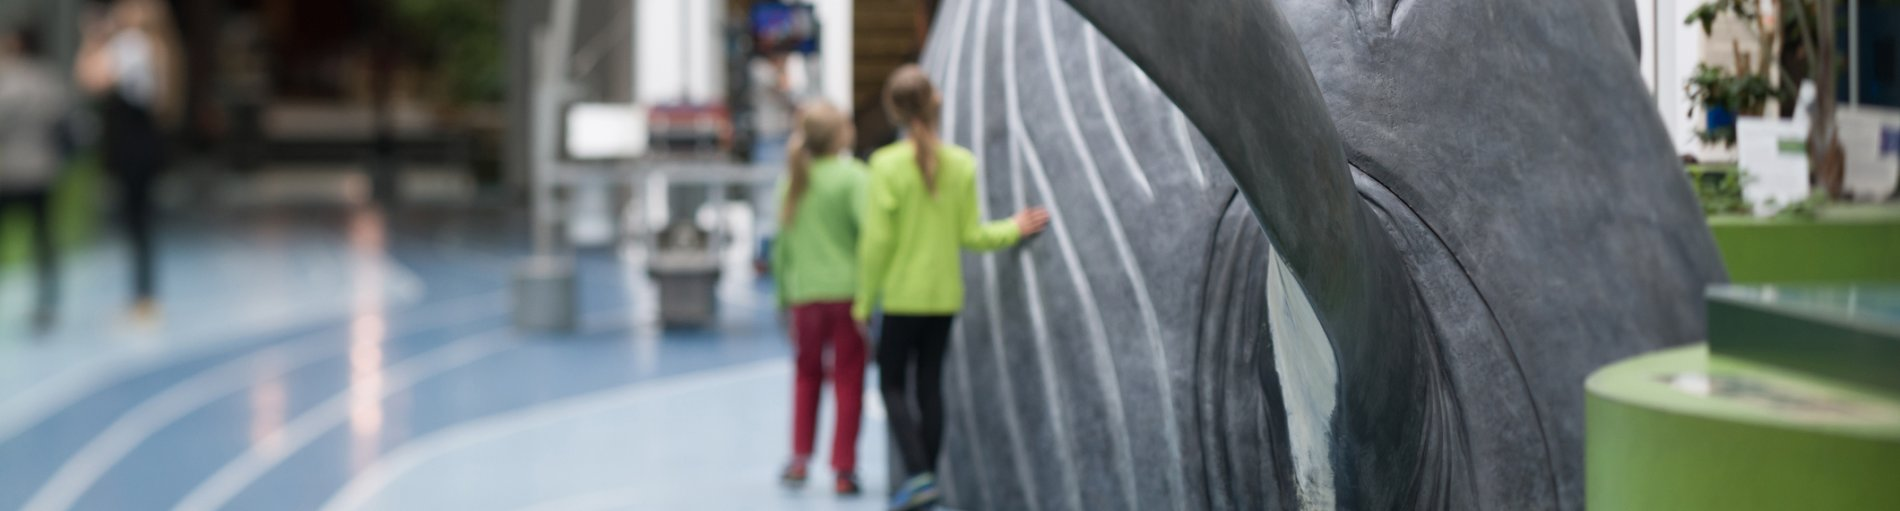 Im Vordergrund steht eine große Figur eines Buckelwal, im Hintergrund zwei Mädchen.